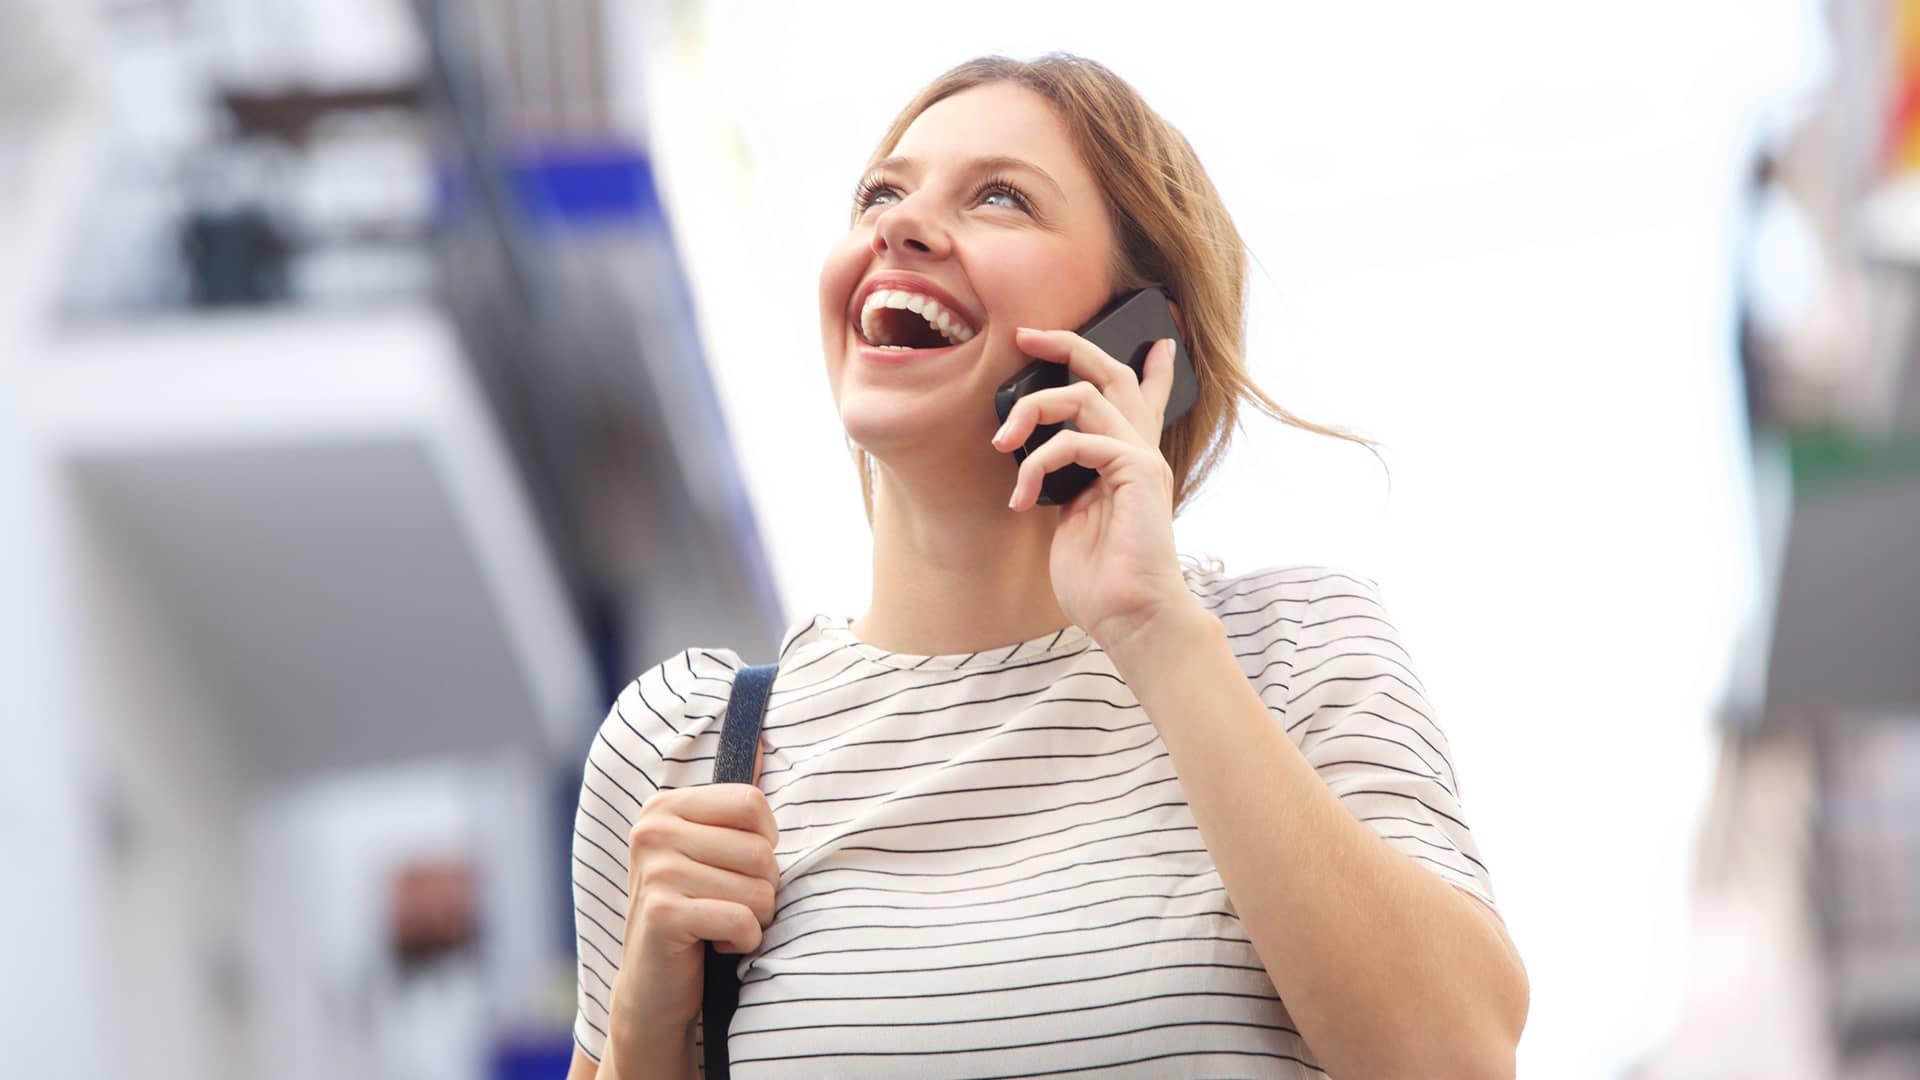 Activar llamada en espera Vodafone y desactivar